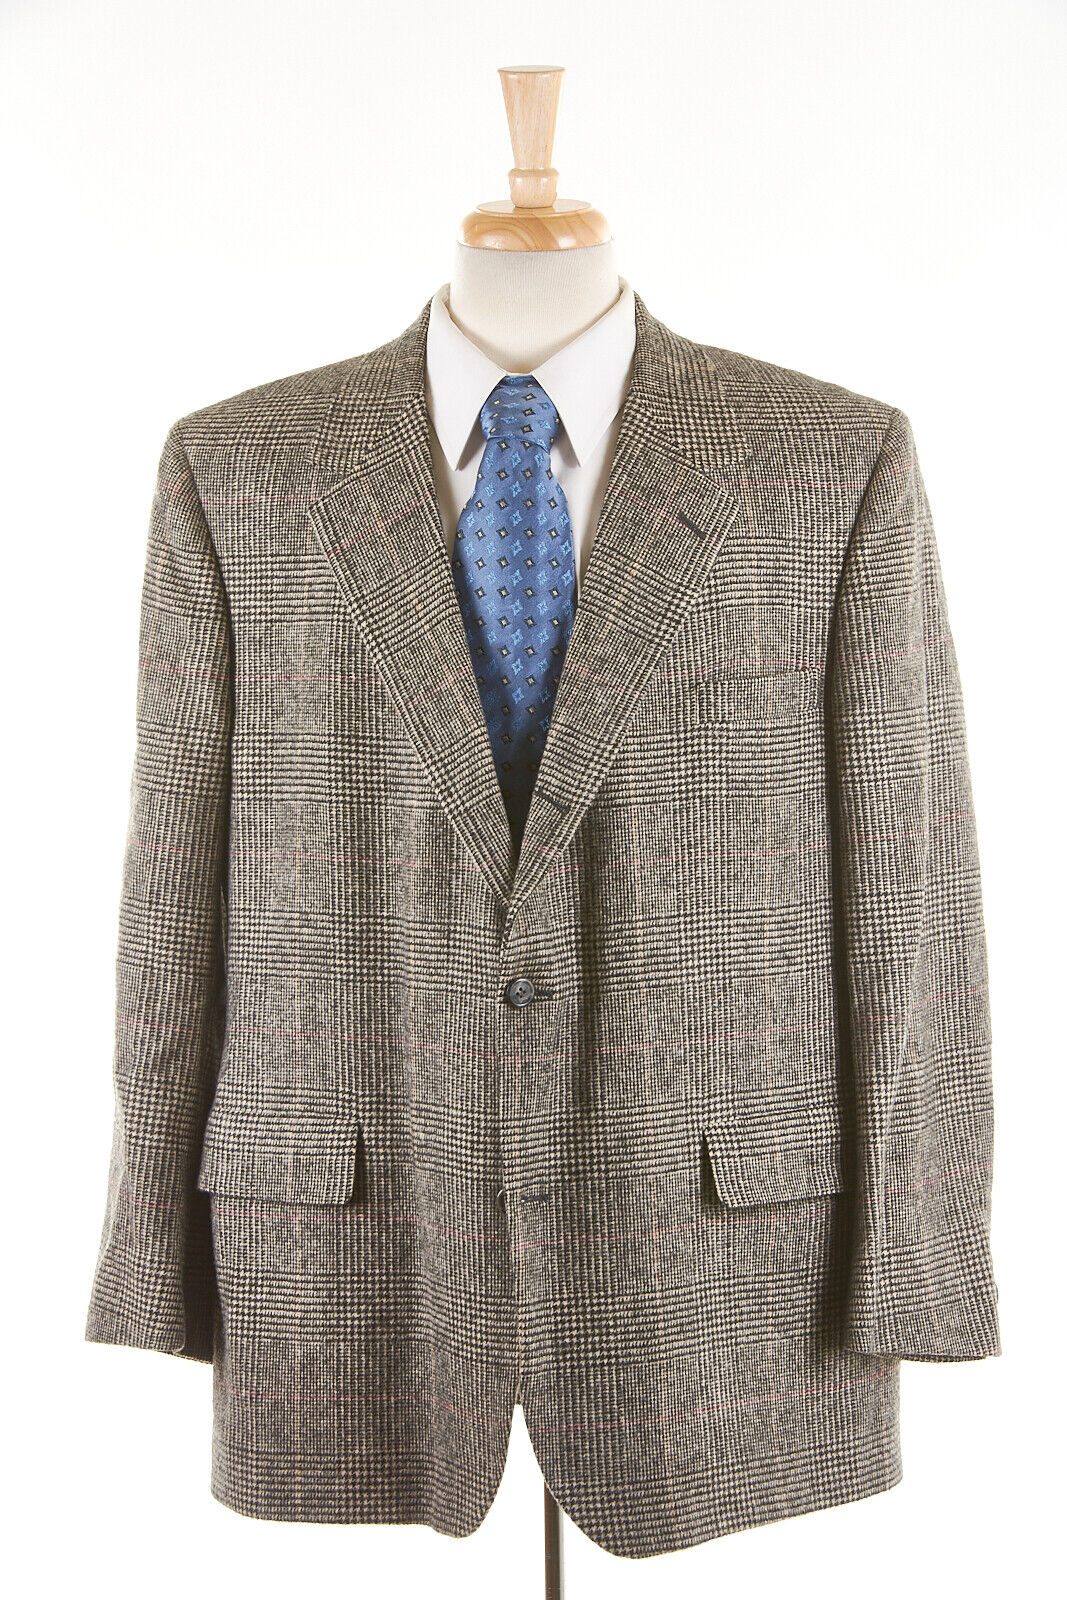 Brooks Brothers Mens Blazer Jacket Sport Coat Camel Hair Brown Glen Plaid Vintage